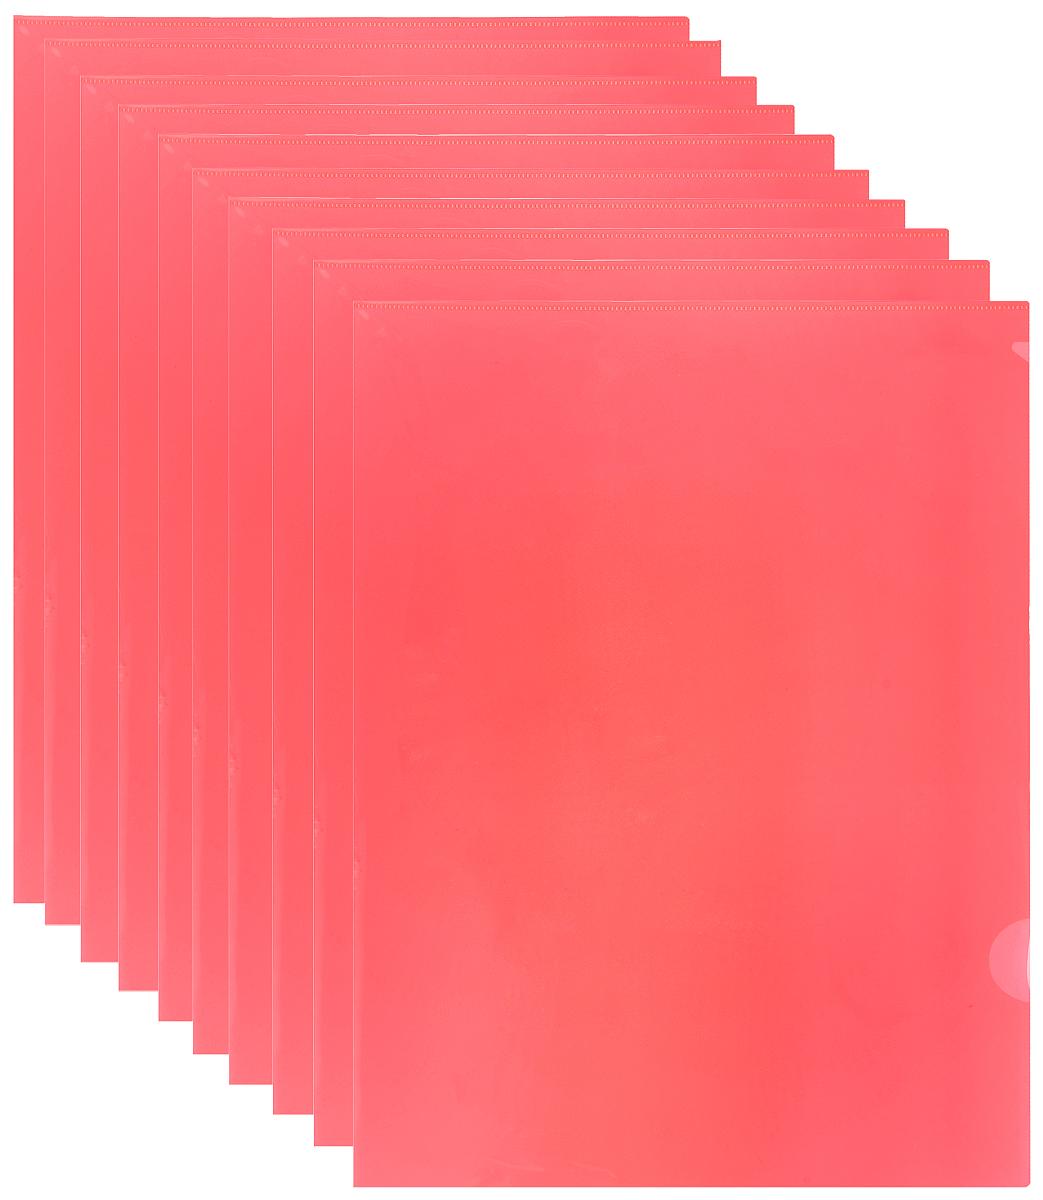 Durable Папка-уголок цвет красный 10 шт2197-03Папка-уголок Durable выполнена из высококачественного полипропилена.Специальная удобная выемка для перелистывания листов облегчает работу с документами. Плотность 180 микрон.Папка-уголок - это незаменимый атрибут для студента, школьника, офисного работника. Такая папка надежно сохранит любые бумаги и сбережет их от повреждений, пыли и влаги.В наборе 10 глянцевых папок красного цвета.